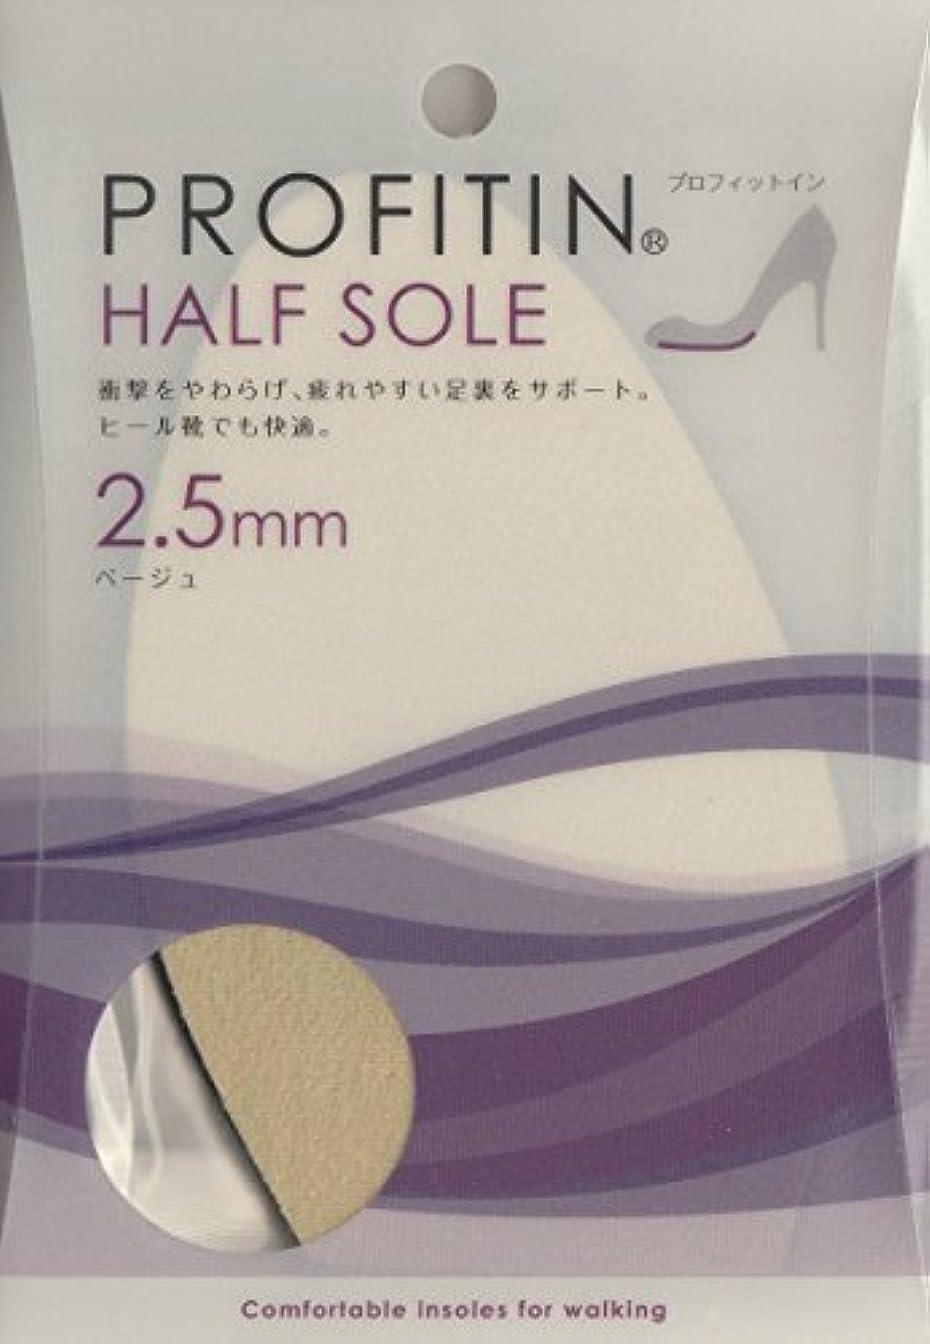 アブストラクトカウンタ姪靴やブーツの細かいサイズ調整に「PROFITIN HALF SOLE」 (2.5mm, ベージュ)